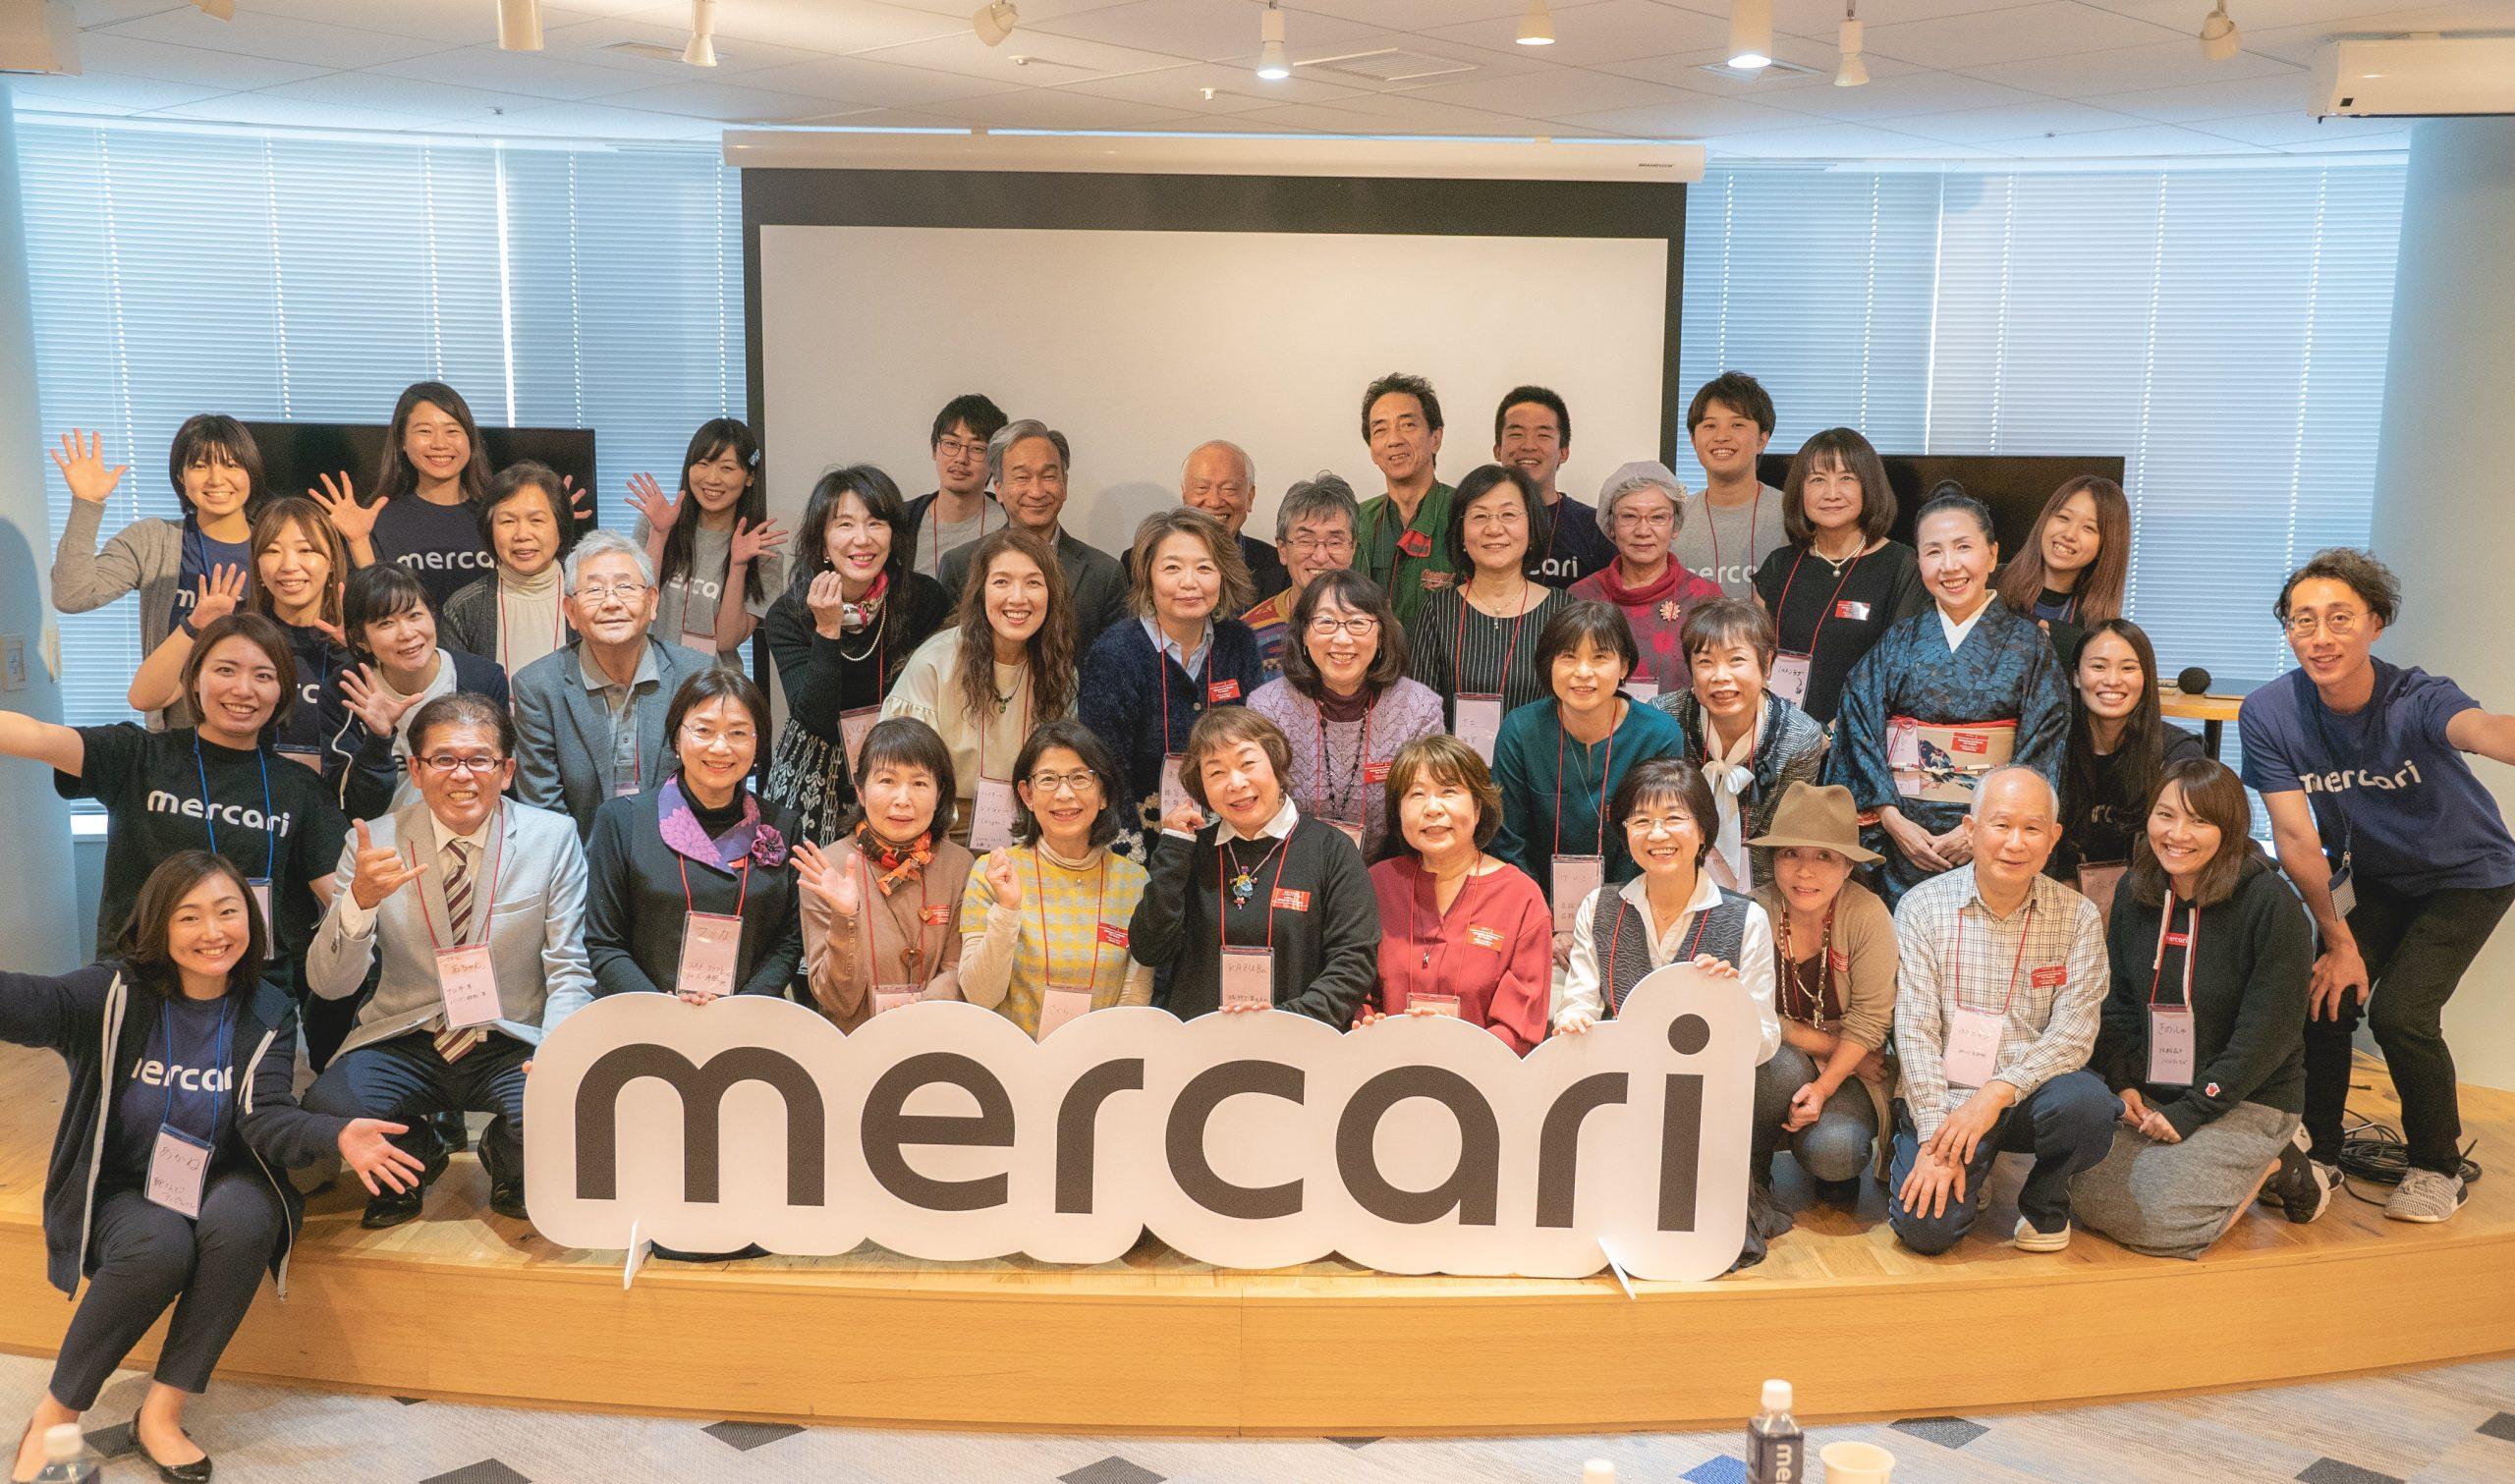 【3/19(火)】60歳以上限定の座談会@大阪!参加者募集!メルカリサロンVol.6